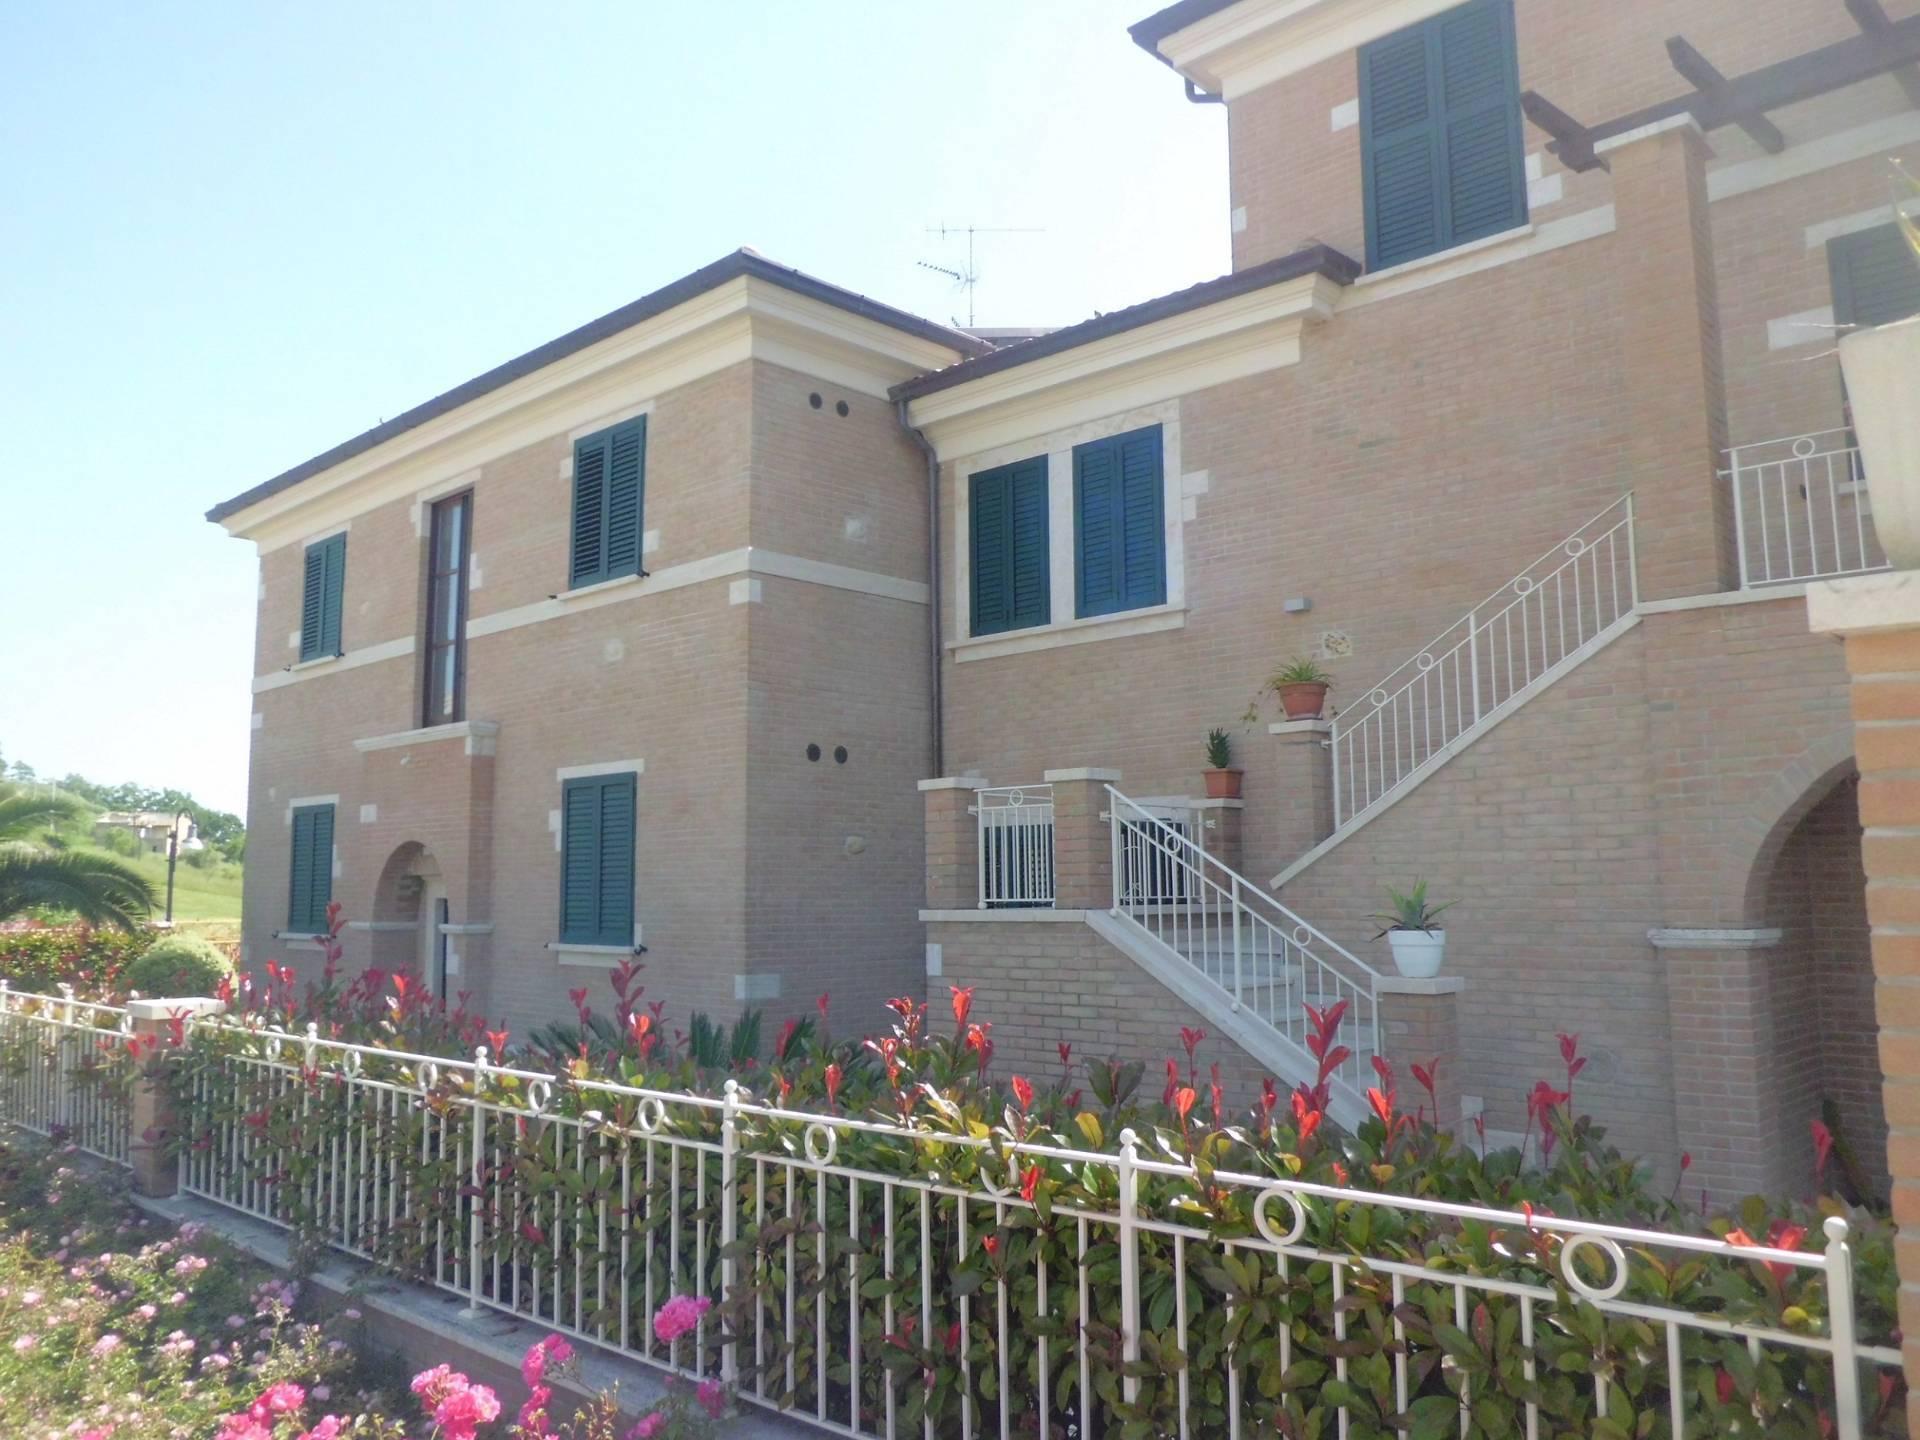 Appartamento in vendita a Tortoreto, 3 locali, zona Località: TortoretoAlta, prezzo € 177.000 | PortaleAgenzieImmobiliari.it